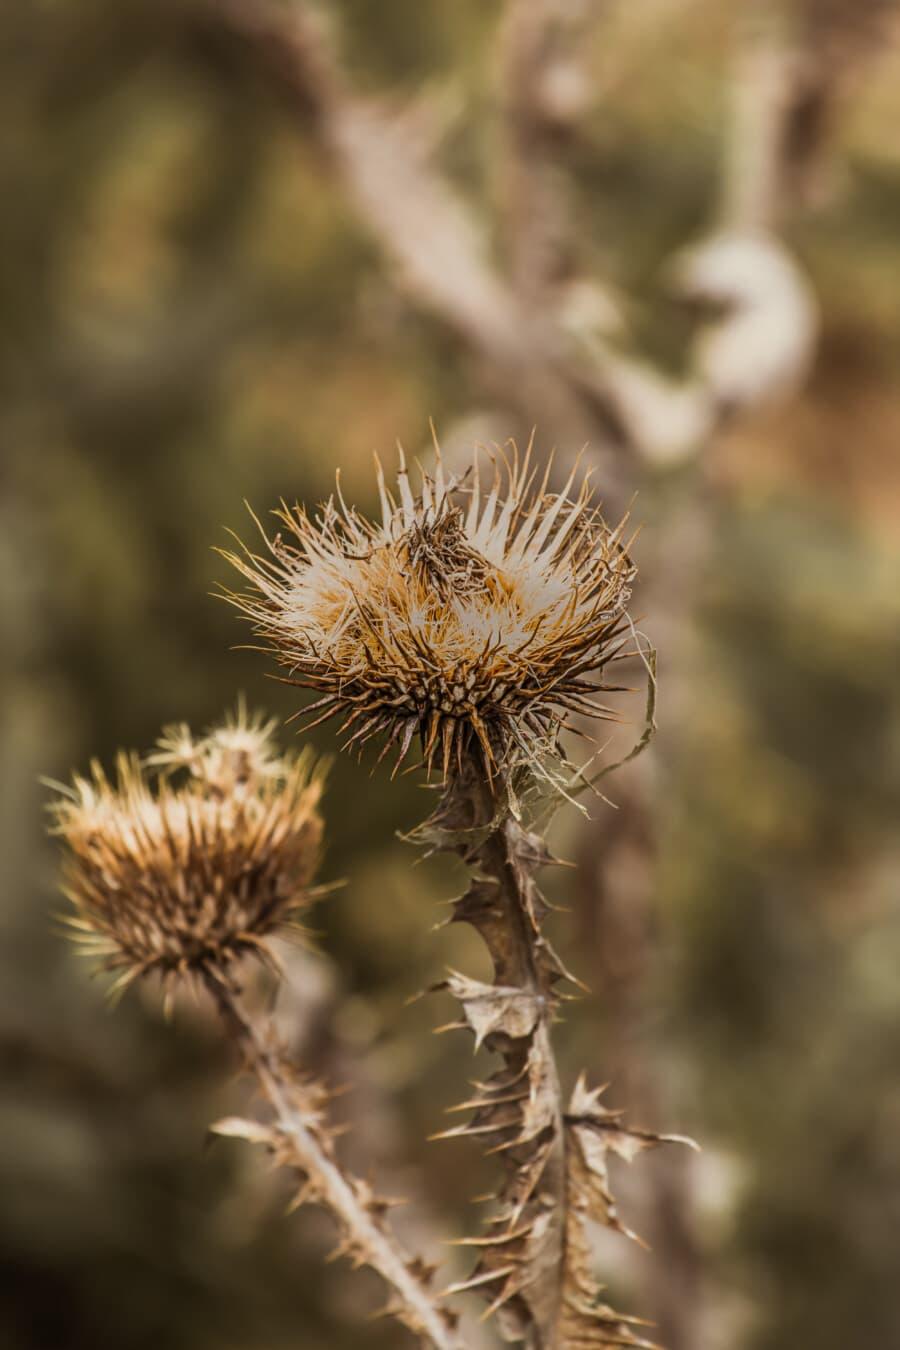 sec, herbe, Spike, mauvaises herbes, fermer, semences, épine, à l'extérieur, plante, tranchant